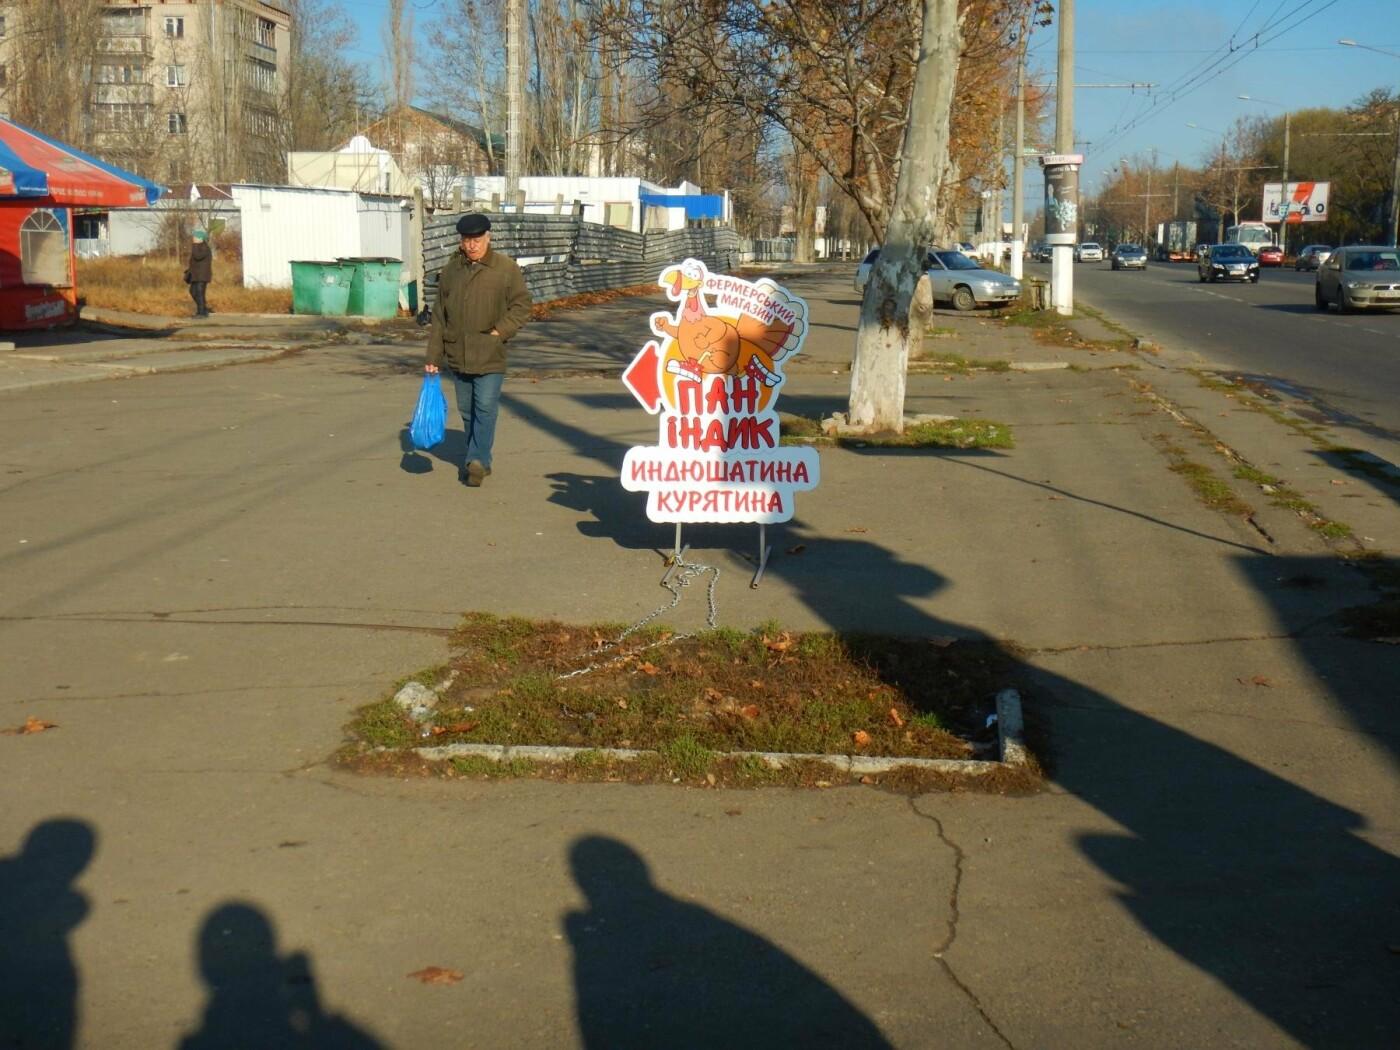 Администрация оштрафовала 5 точек незаконной торговли на 6-й Слободской , фото-2